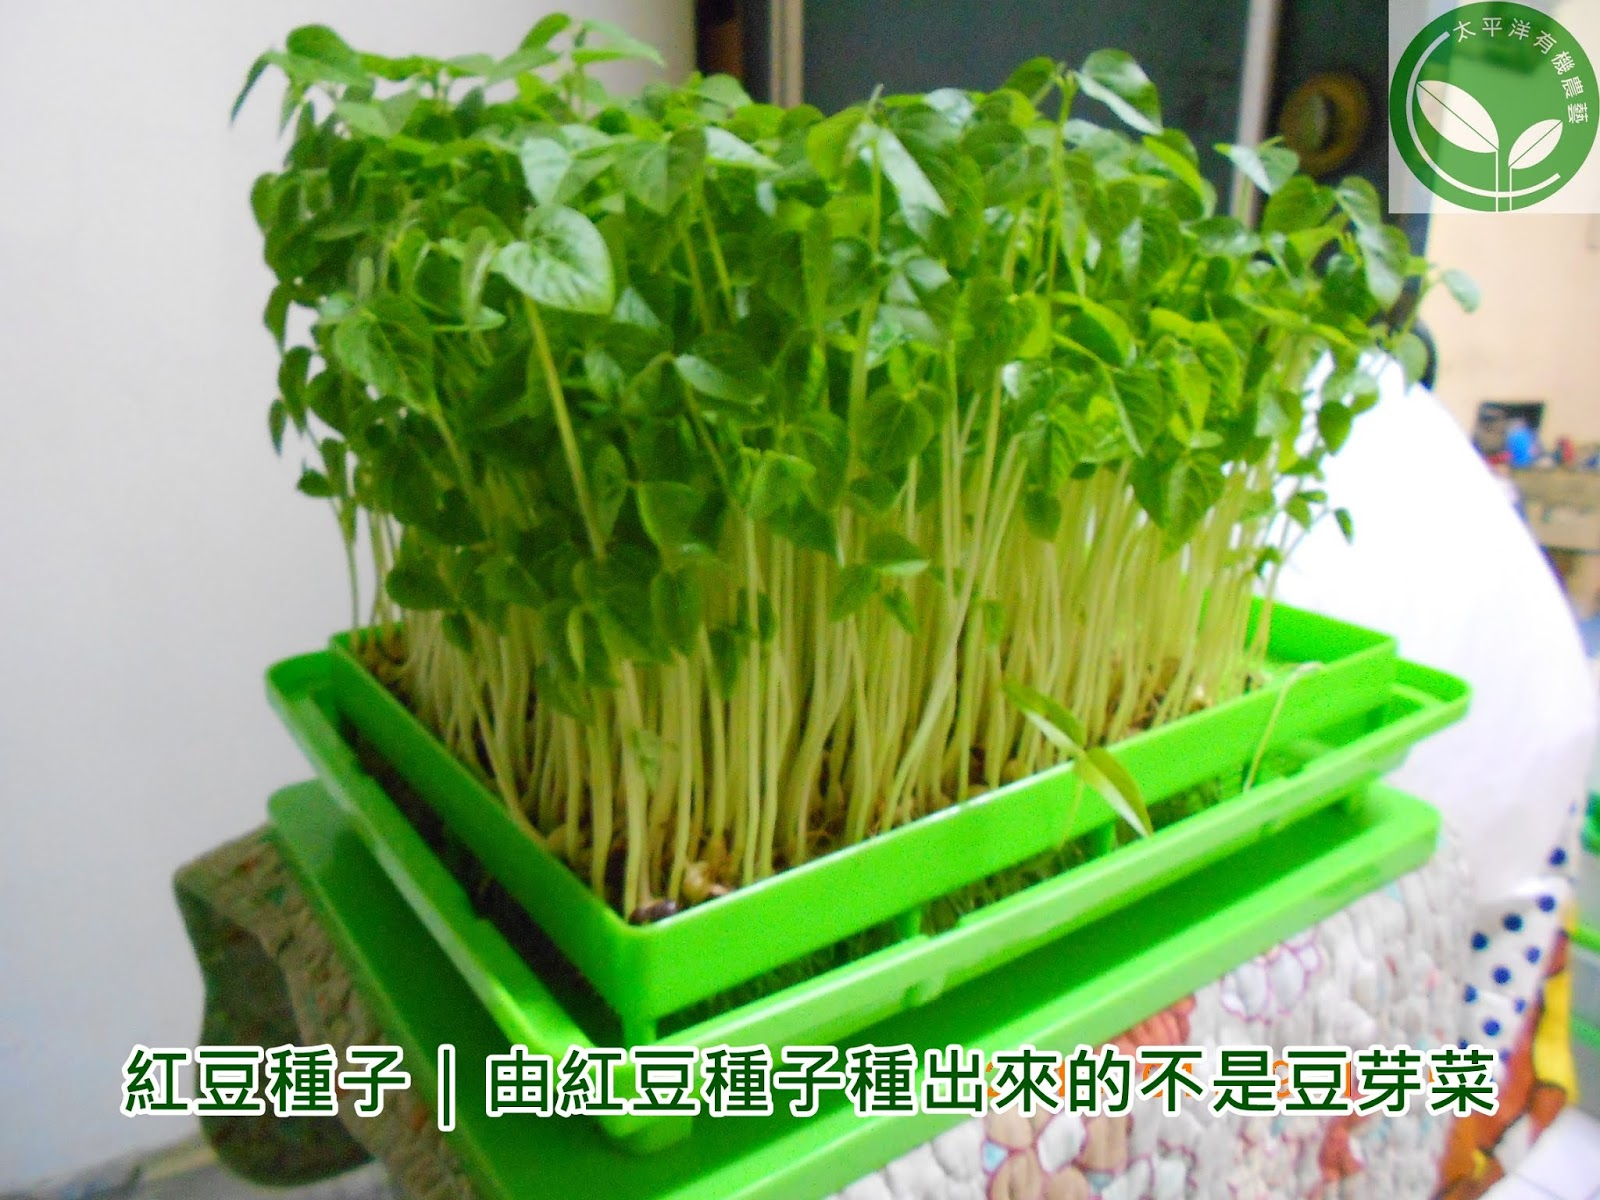 紅豆芽菜種子|有機紅豆芽菜苗:太平洋有機農藝-芽菜種子/芽菜機/豆芽機/芽菜箱/水耕盤